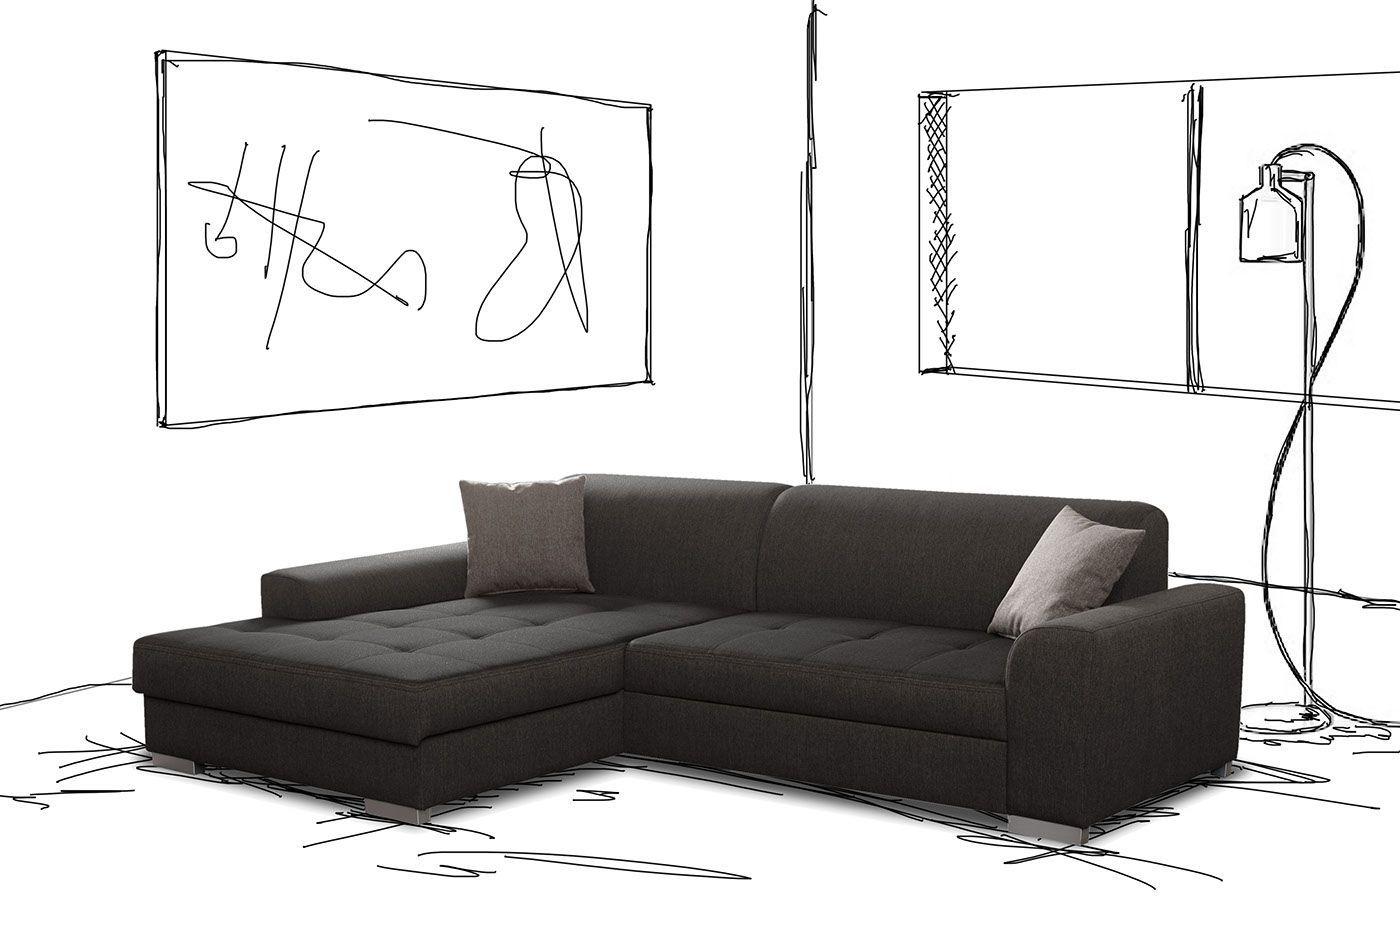 icÔne canape d'angle convertible de la couture au design. le célèbre